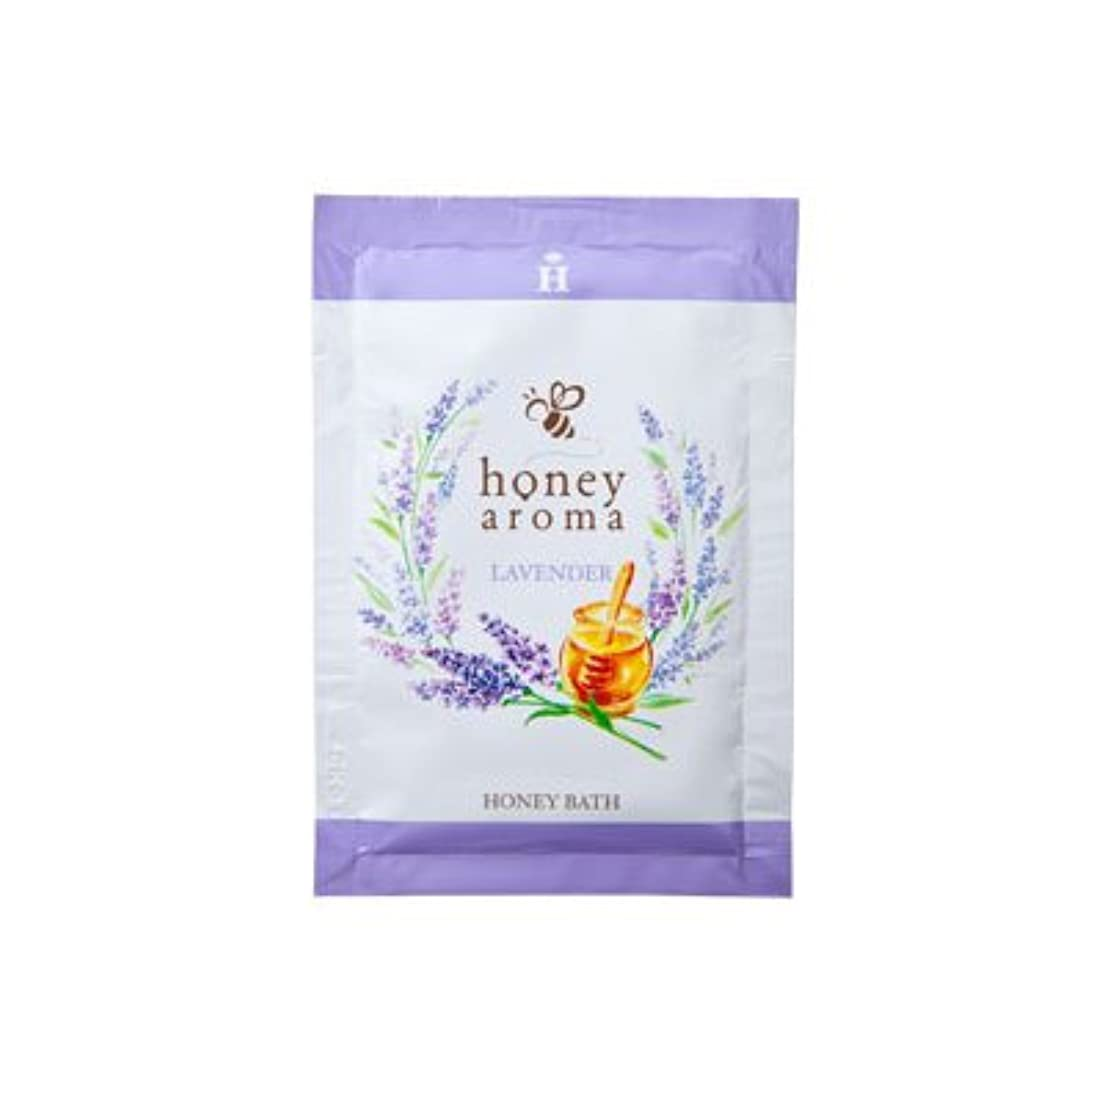 ブラウスさらにアラームハニーアロマ ハニーバス(入浴剤) 5包(ラベンダーの香り)